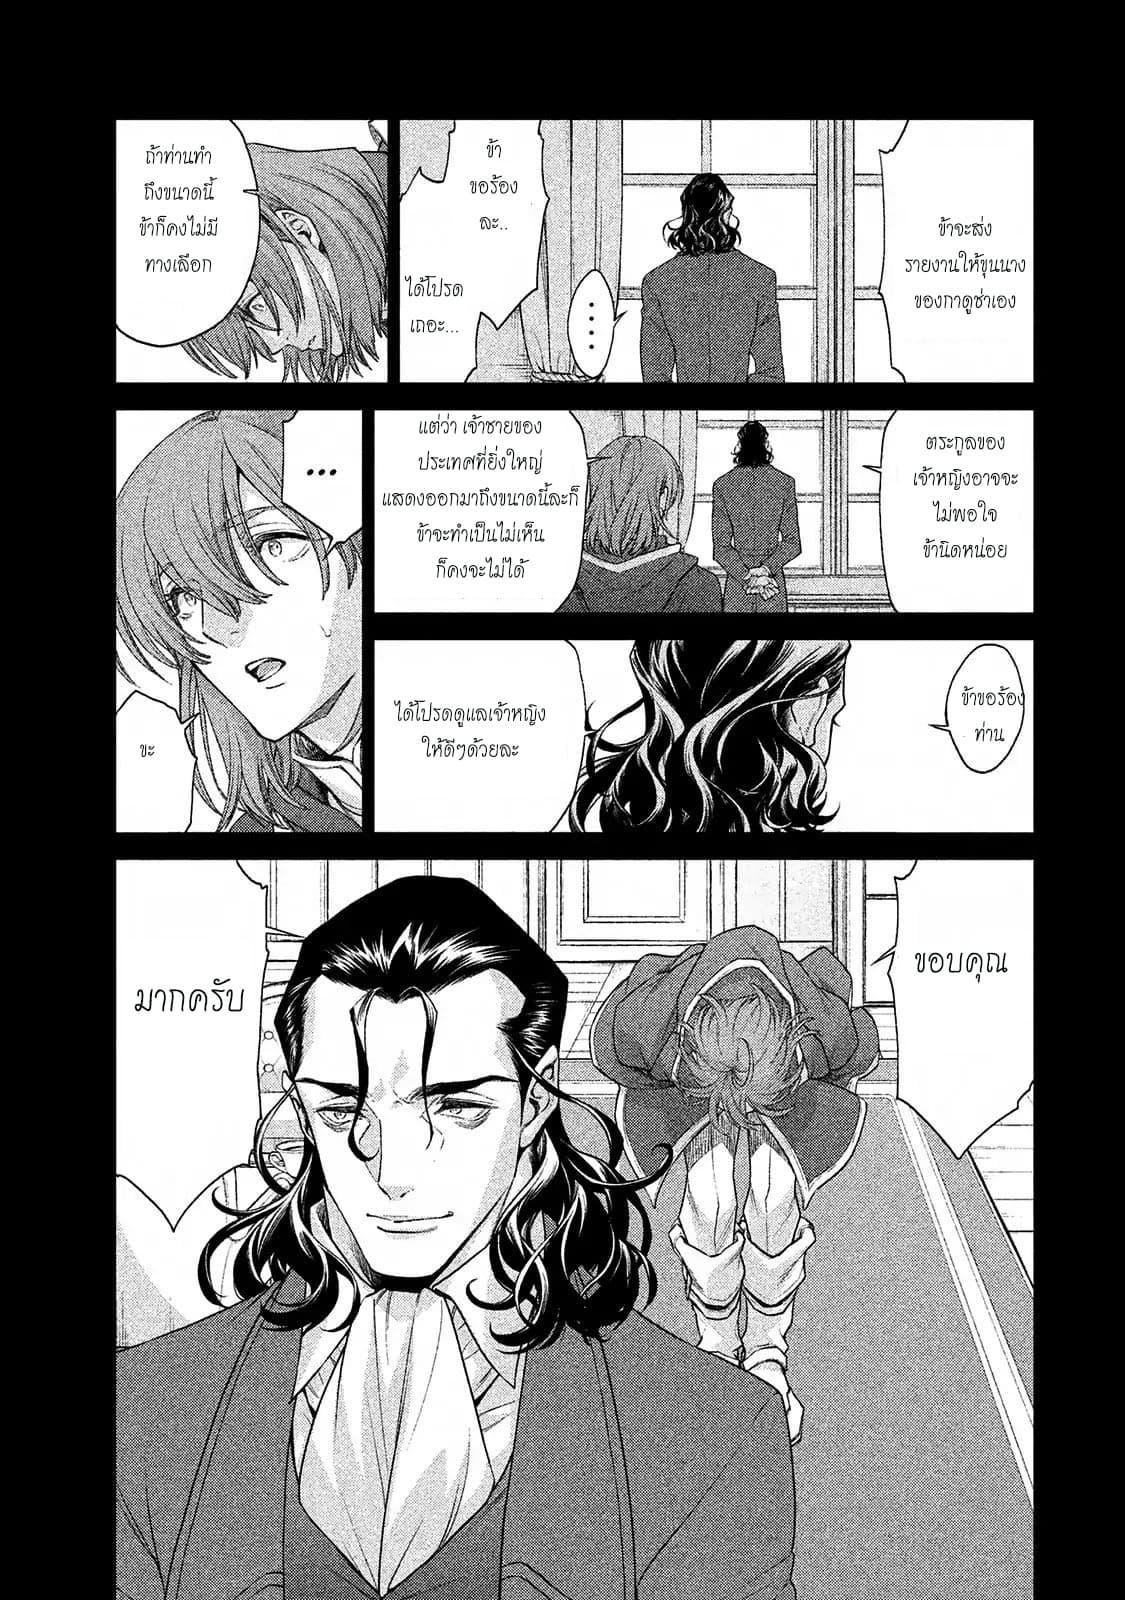 อ่านการ์ตูน Henkyou no Roukishi - Bard Loen ตอนที่ 11 หน้าที่ 15